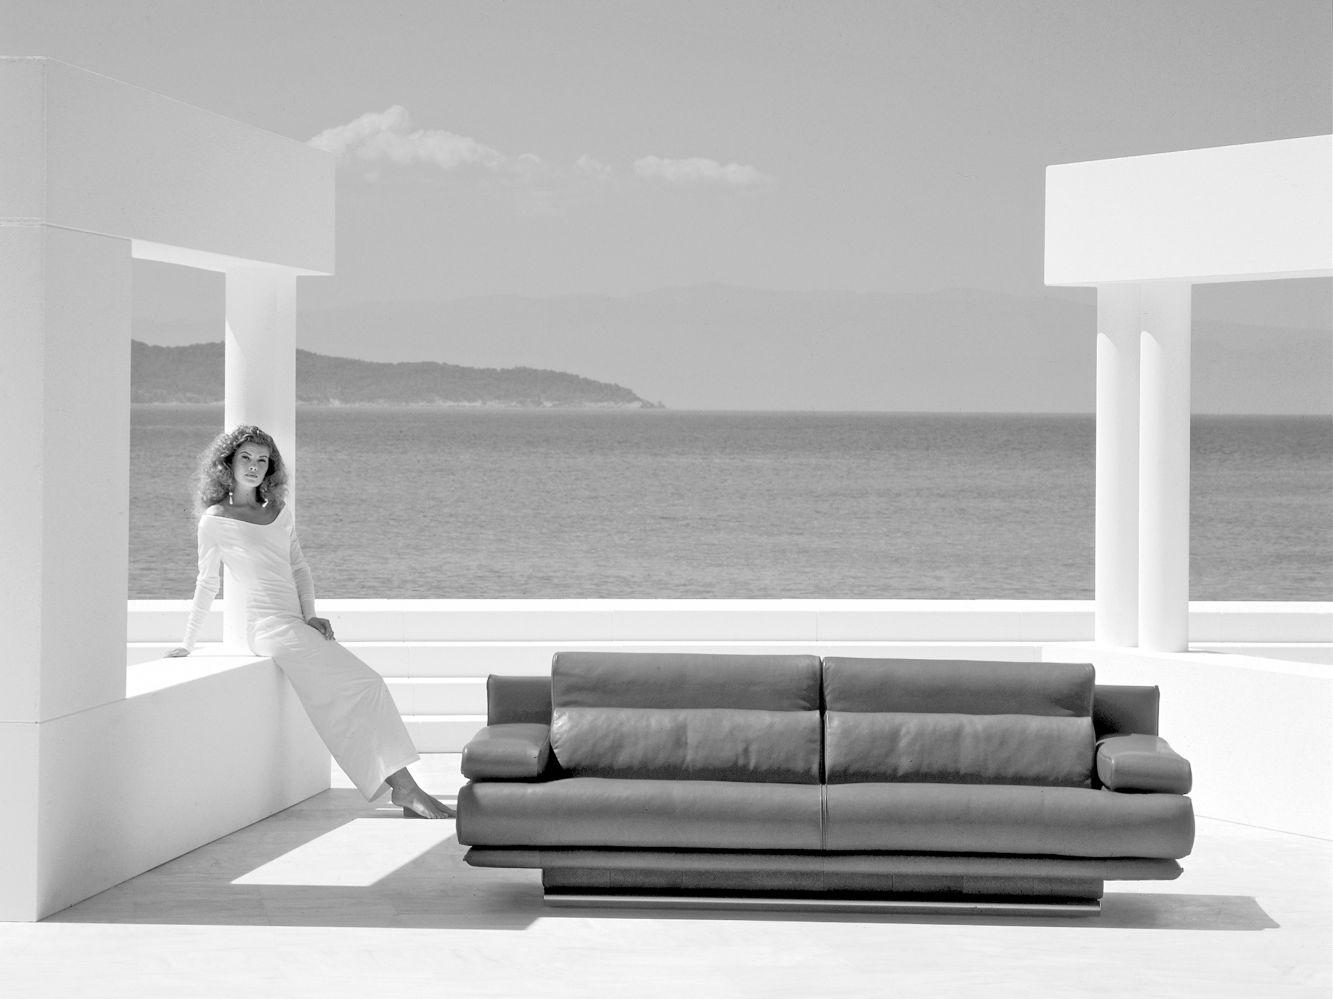 rolf benz fabricant allemand de canap s de qualit meuble et d coration marseille mobilier. Black Bedroom Furniture Sets. Home Design Ideas